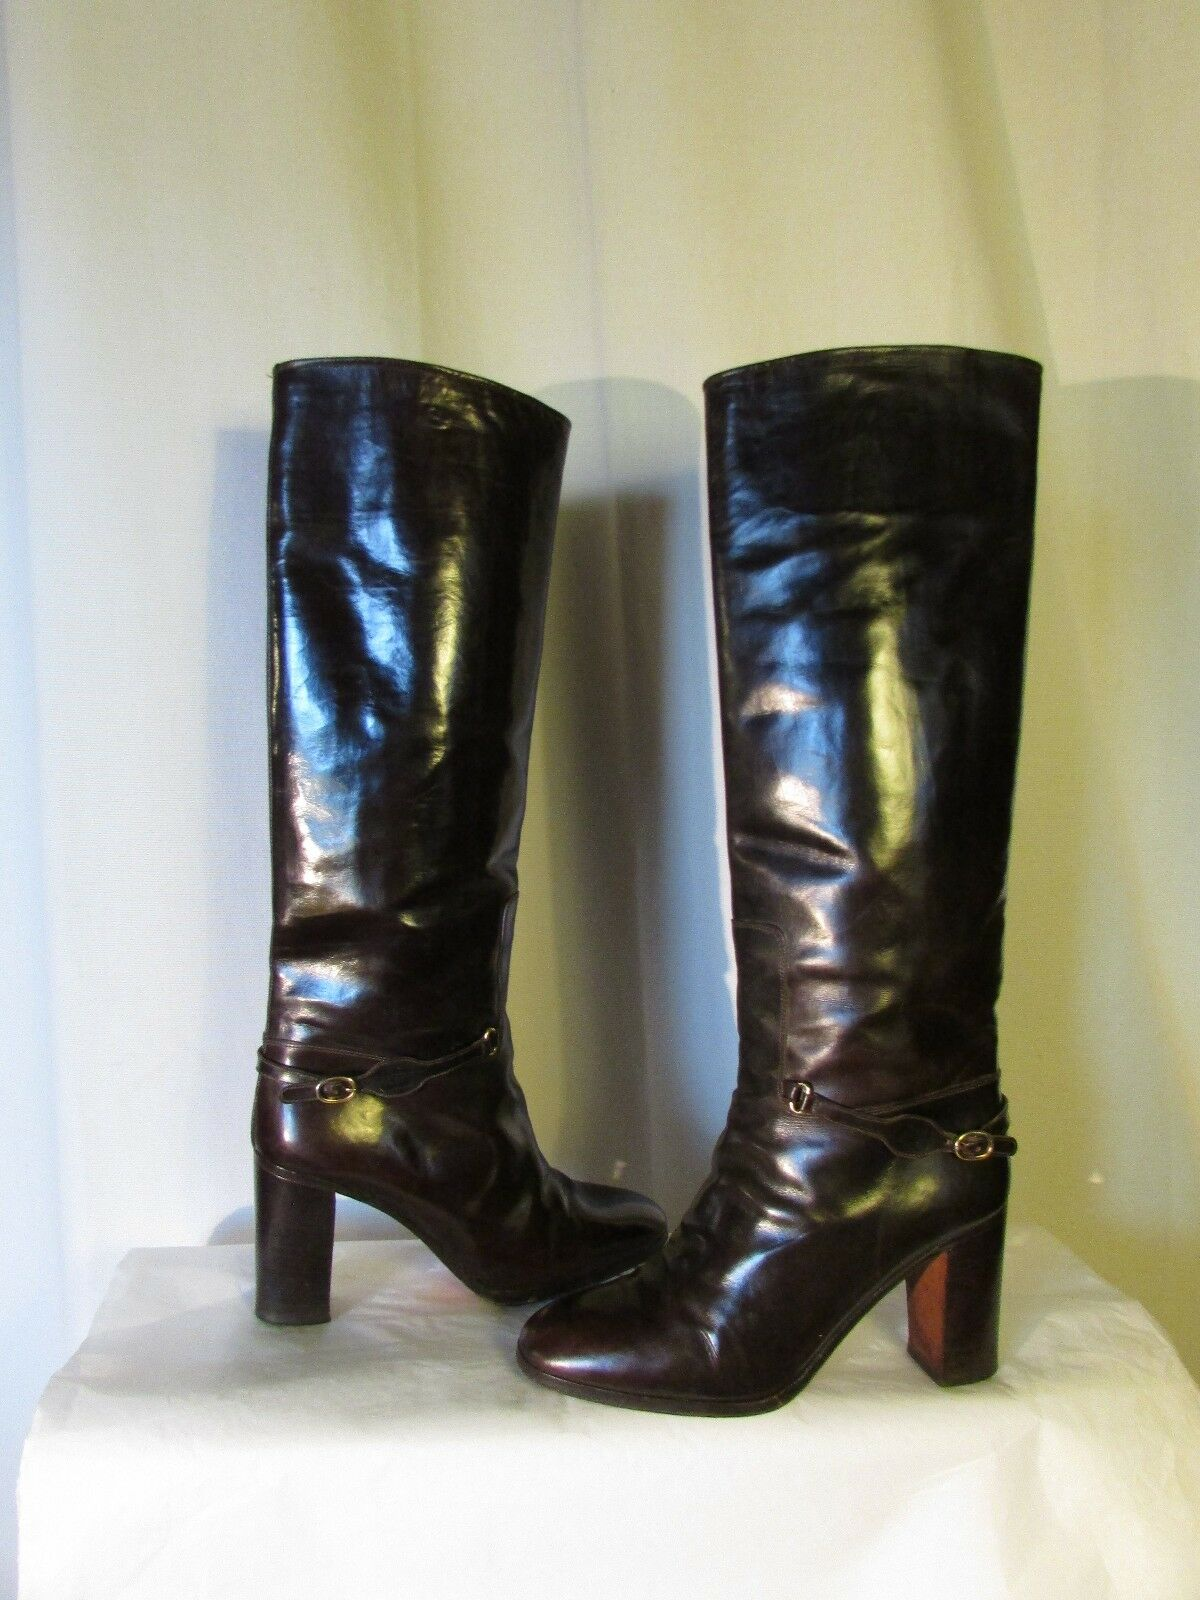 botas de equitación vintage CASSANDRA piel marrón chocolate 36,5